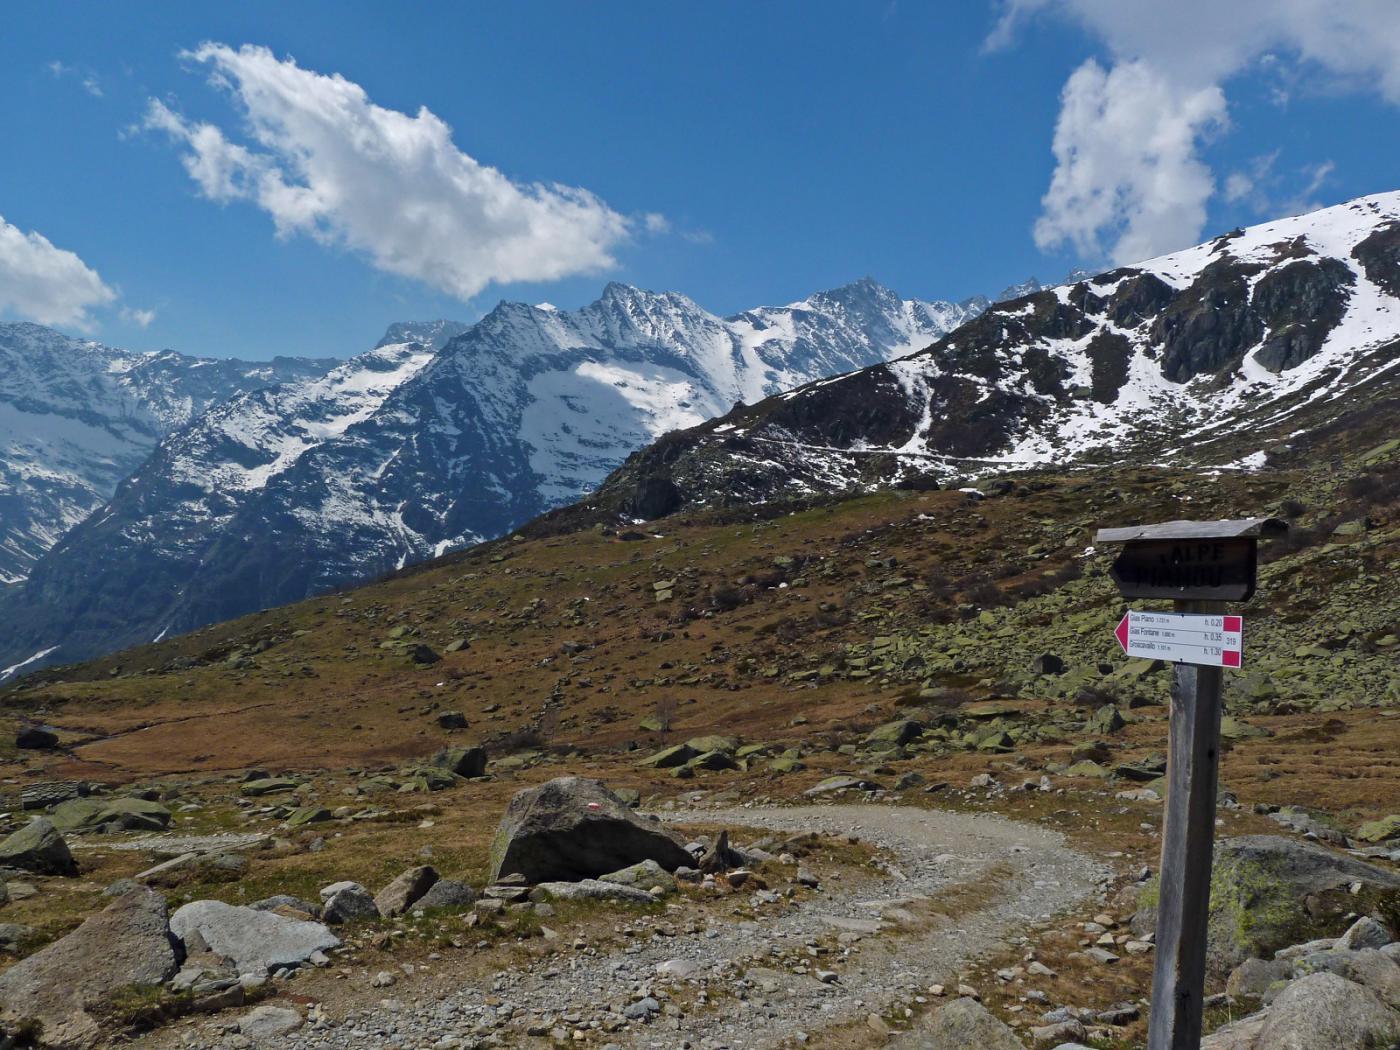 Salendo, uno sguardo sulle Levanne: ultima parte del percorso e strada che scende a Gias Crest